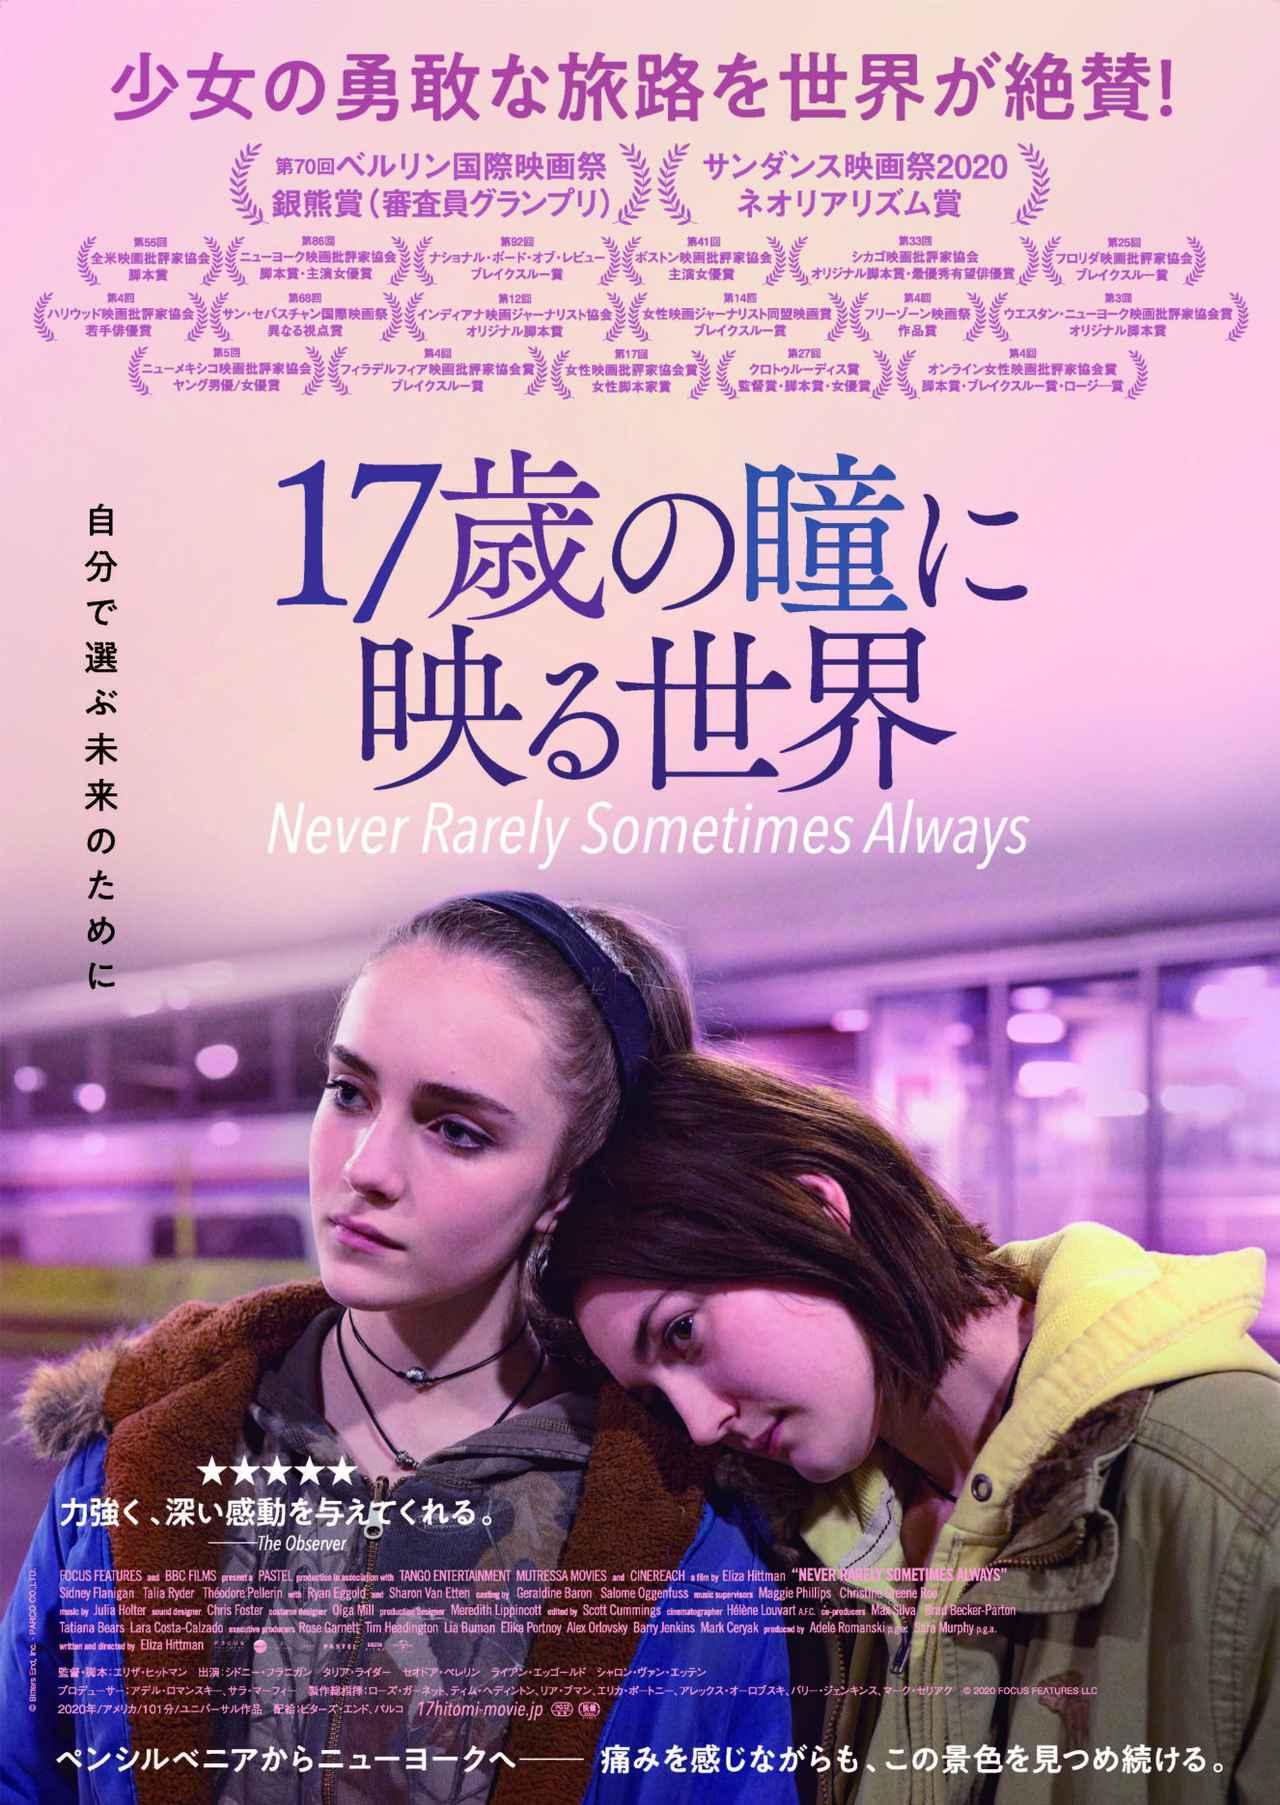 画像: 17歳の少女たちが向き合う世界を鮮やかに活写した物語